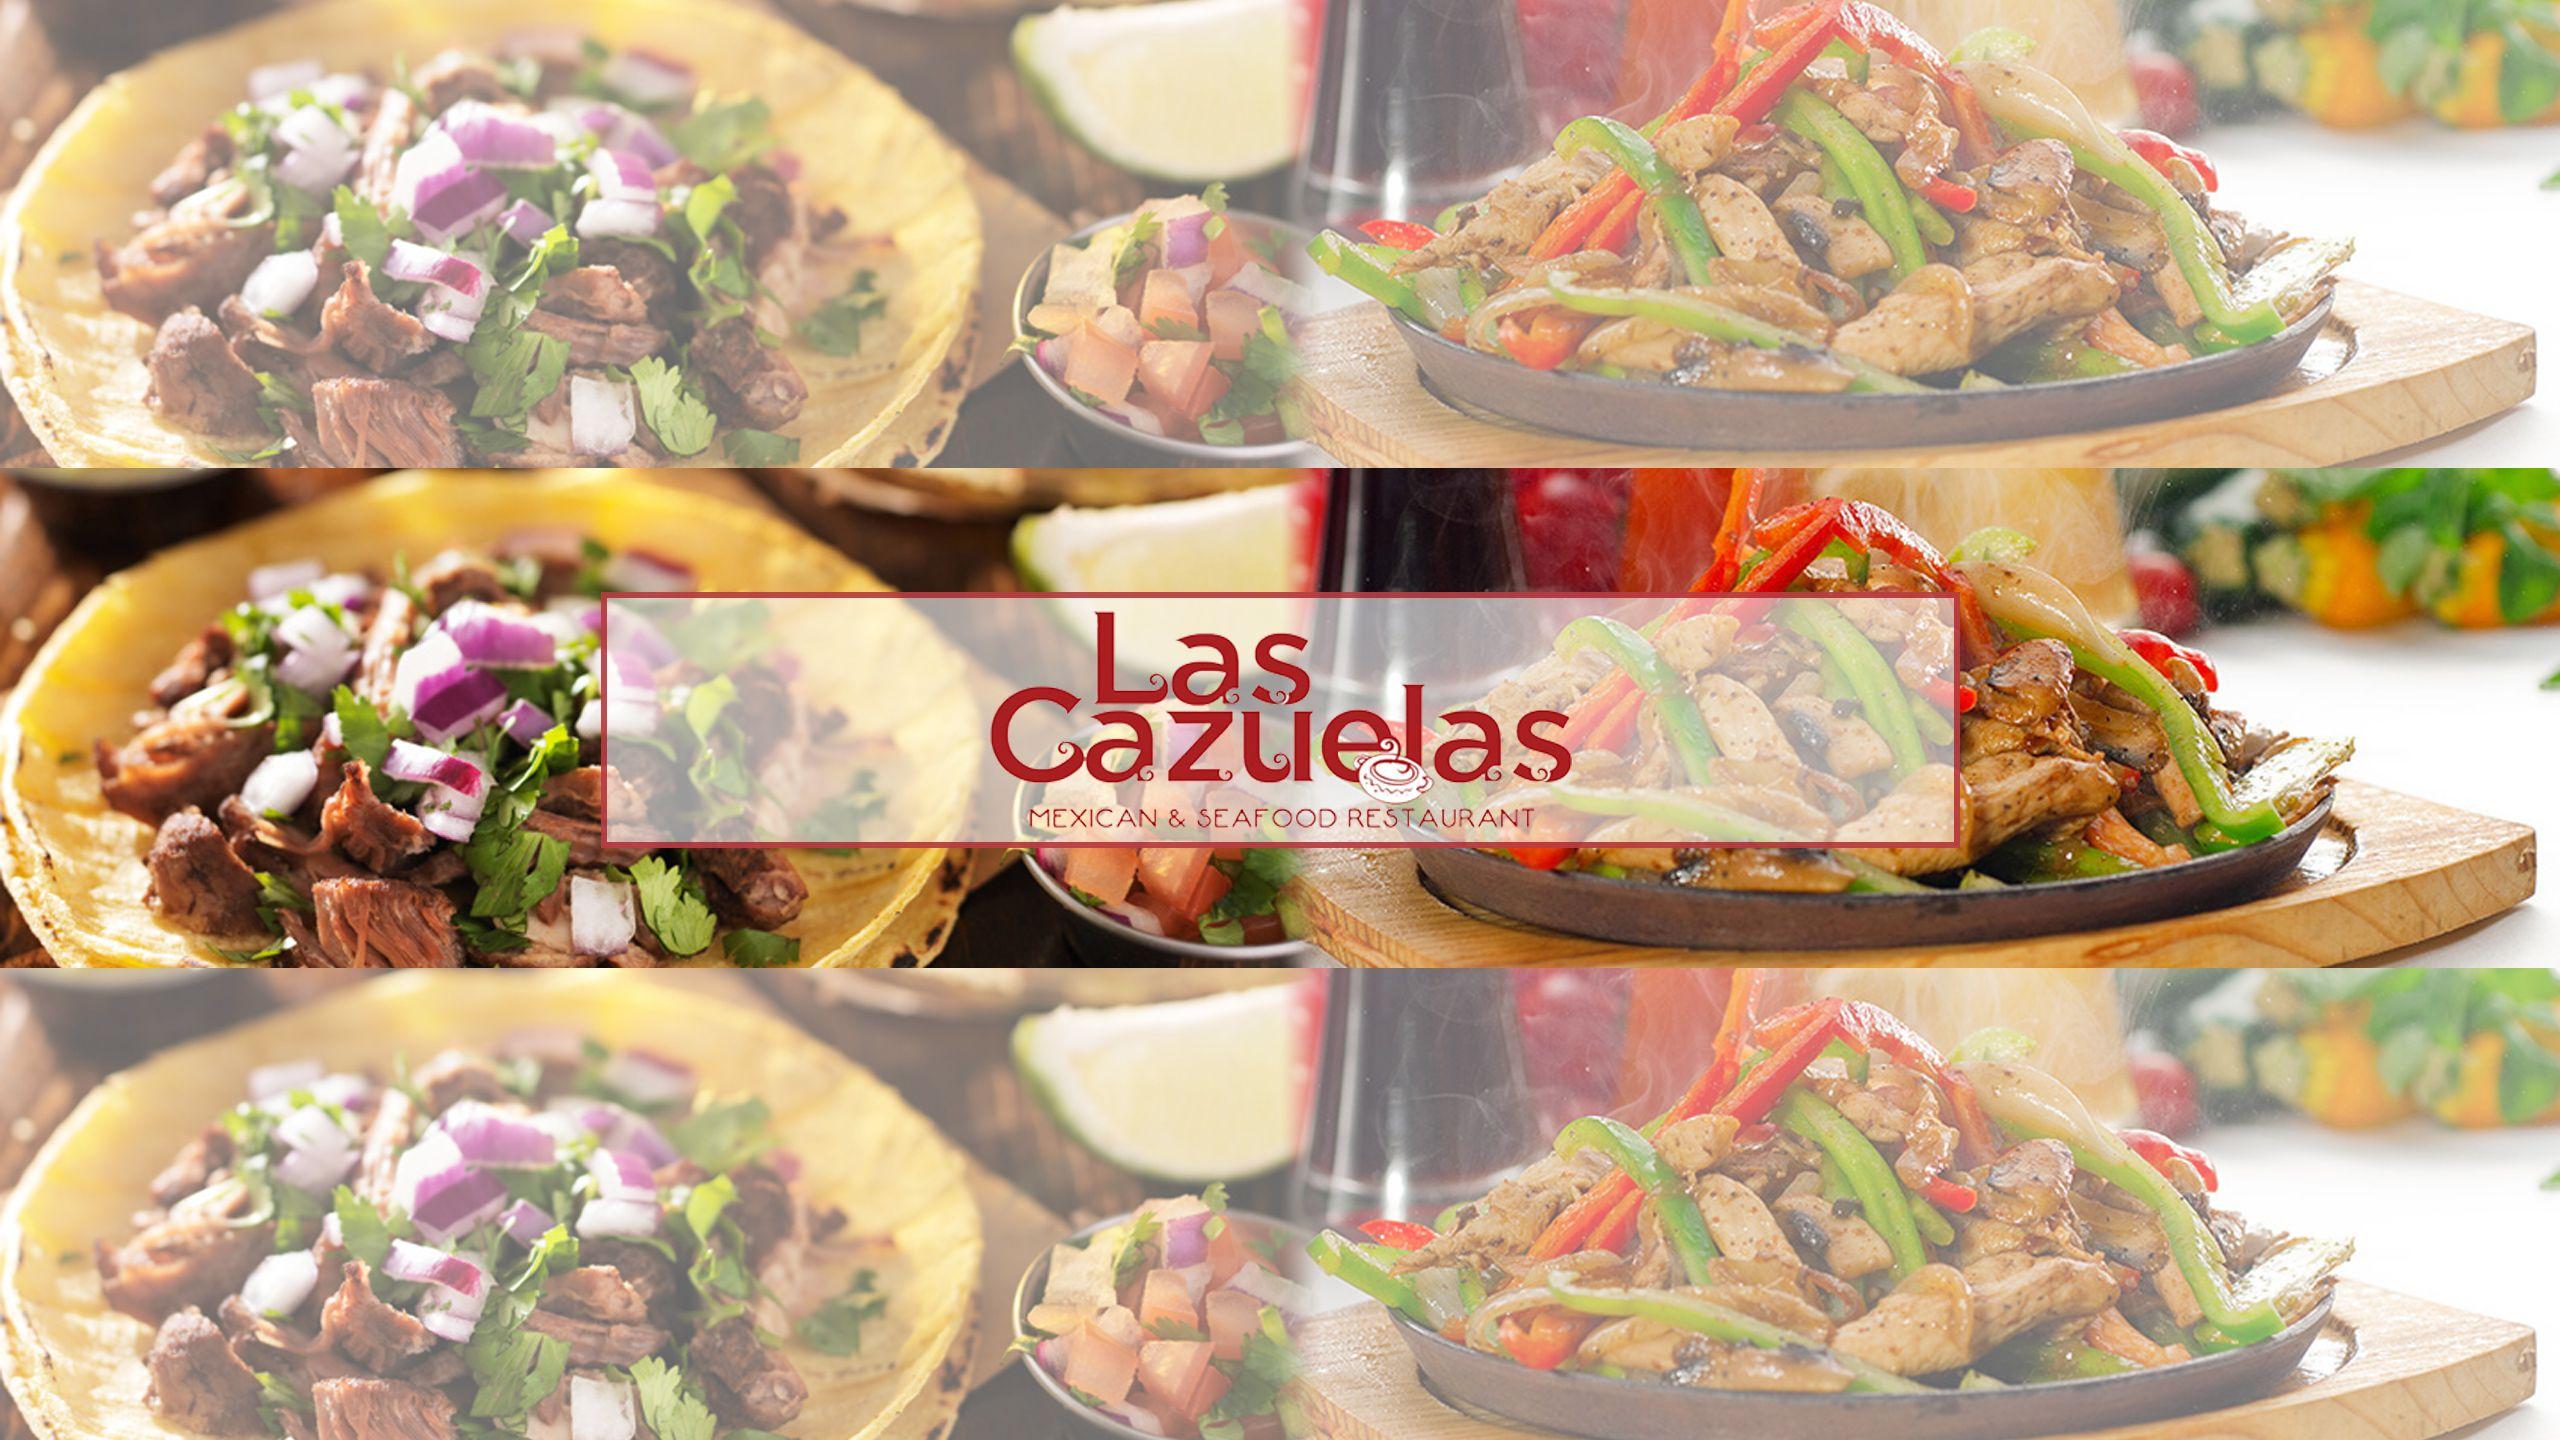 Las cazuelas mexican seafood restaurant proudly serves